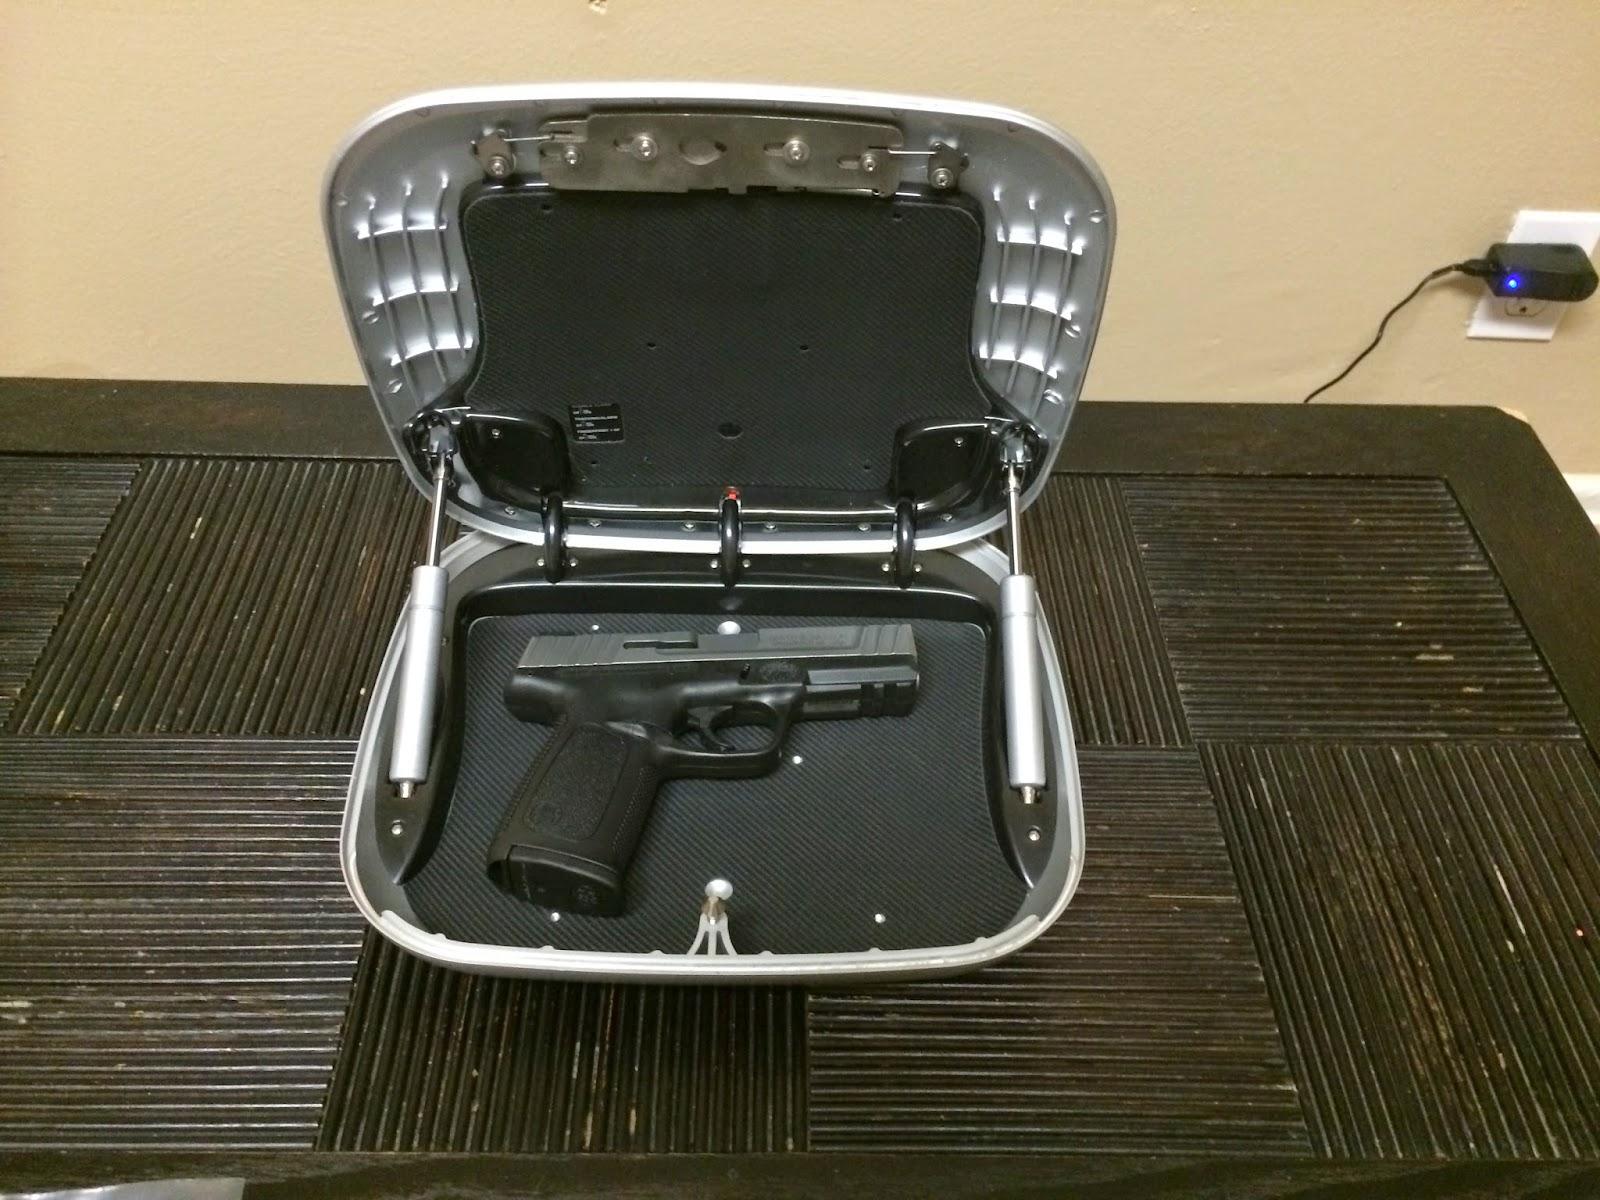 GunBox with handgun